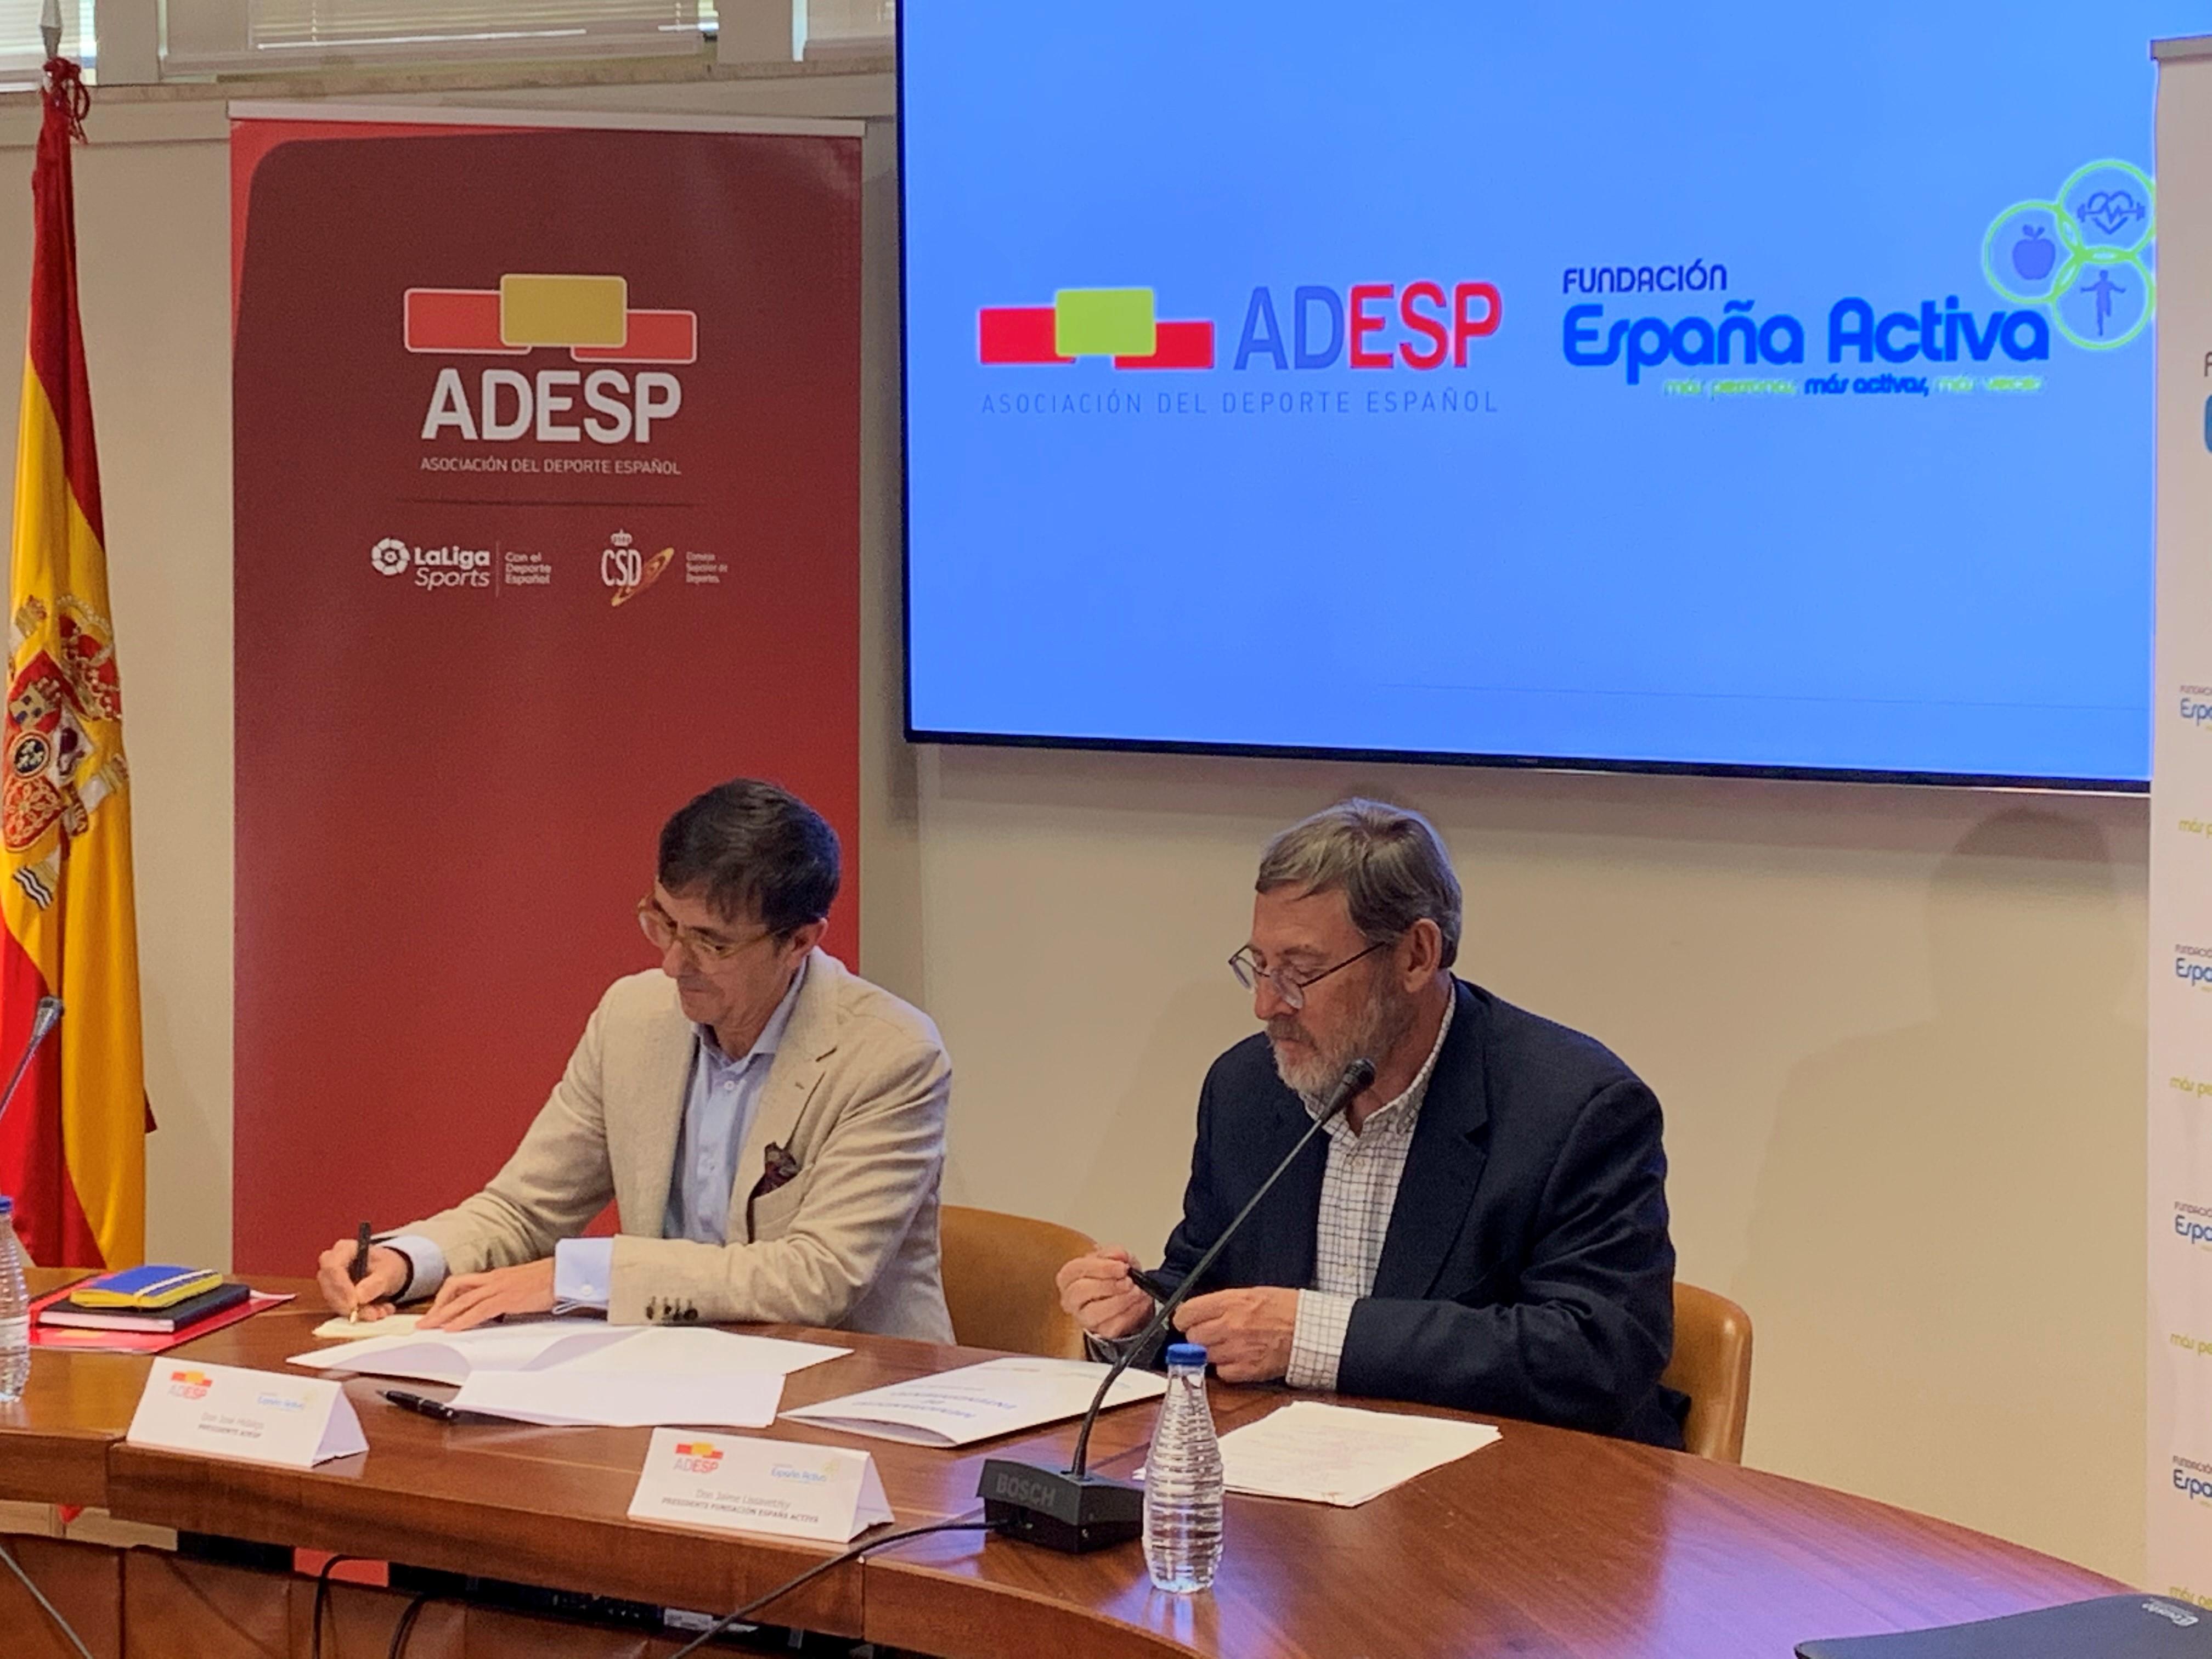 Acuerdo entre Fundación España Activa y la Asociación del Deporte Español